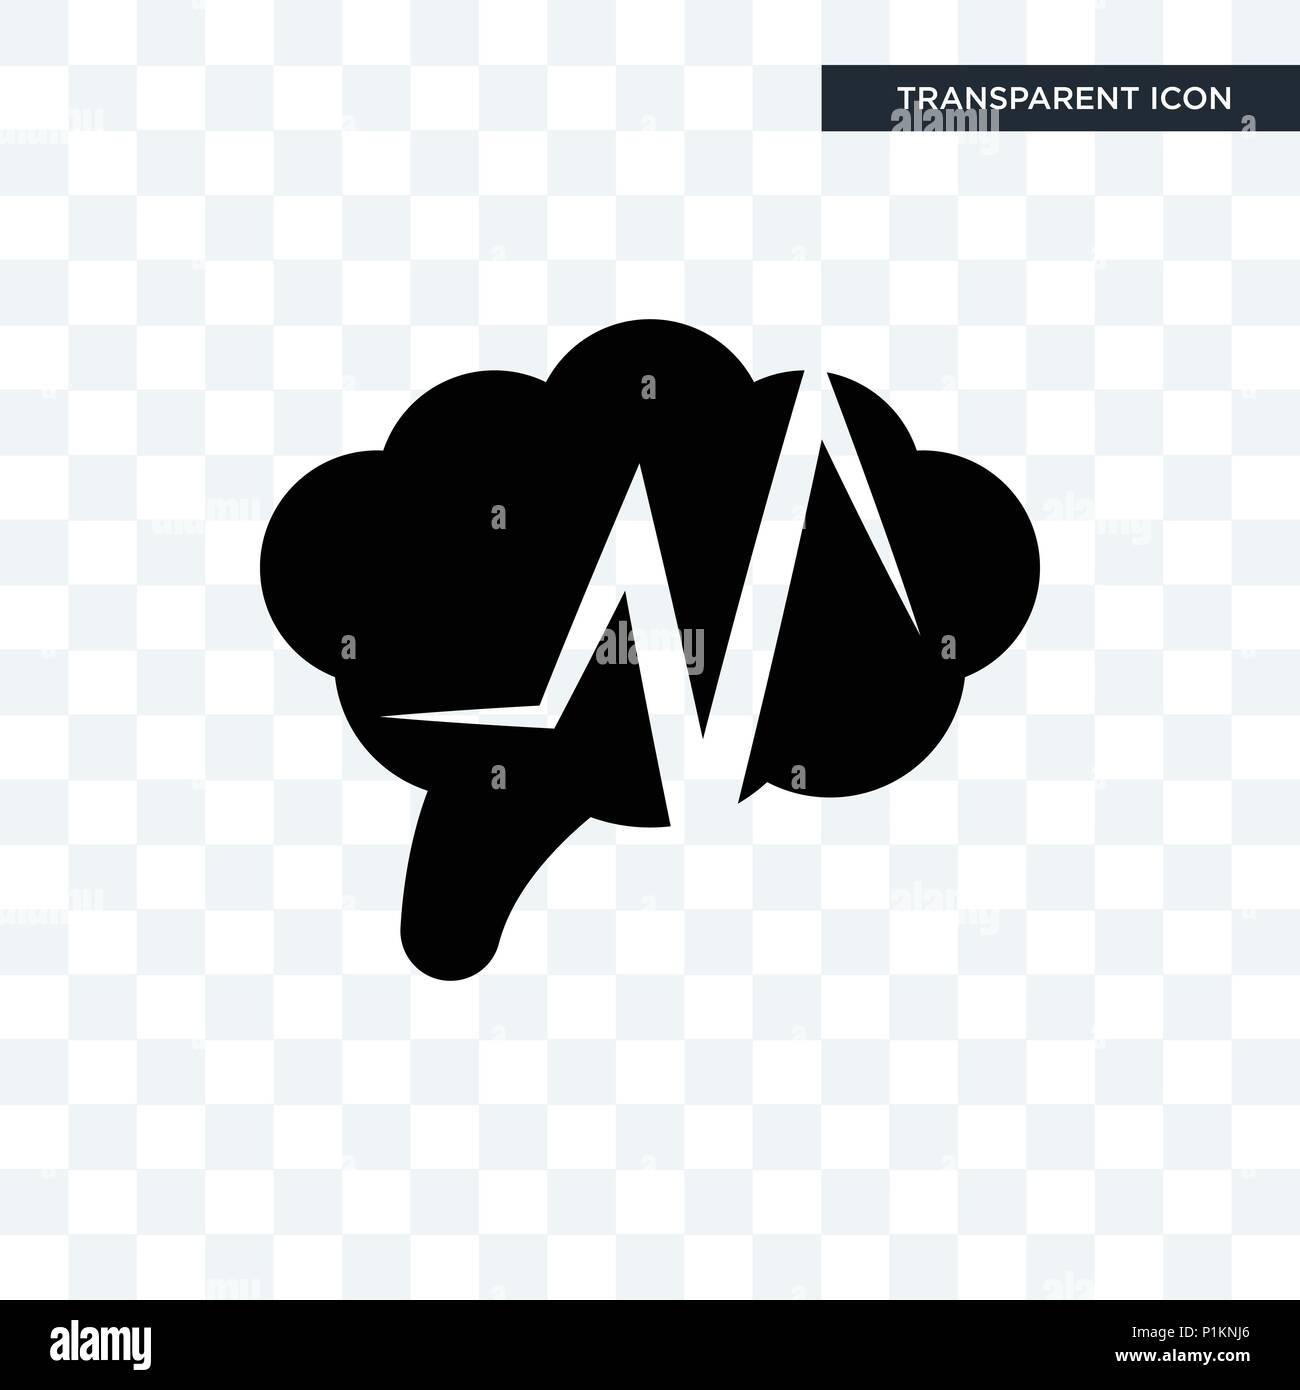 9665e3668e5 epilepsy vector icon isolated on transparent background, epilepsy logo  concept